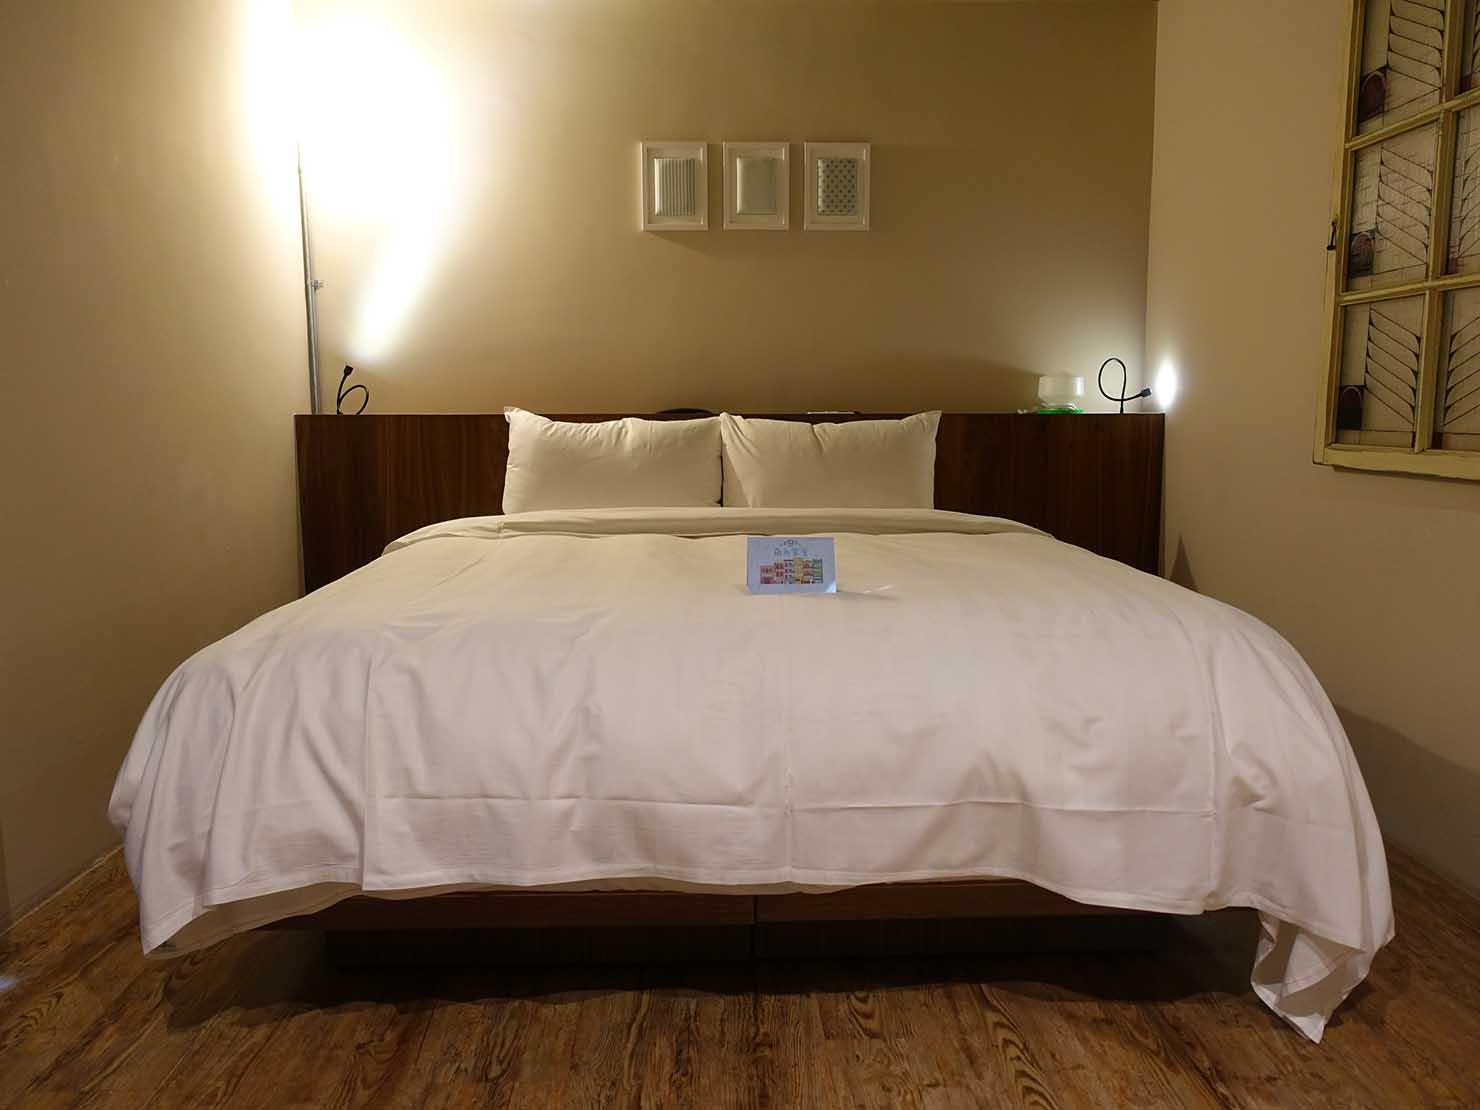 台南駅徒歩10分のかわいいデザインホテル「南方家屋 Old School」休閒雙人房(レジャーダブル)のダブルベッド